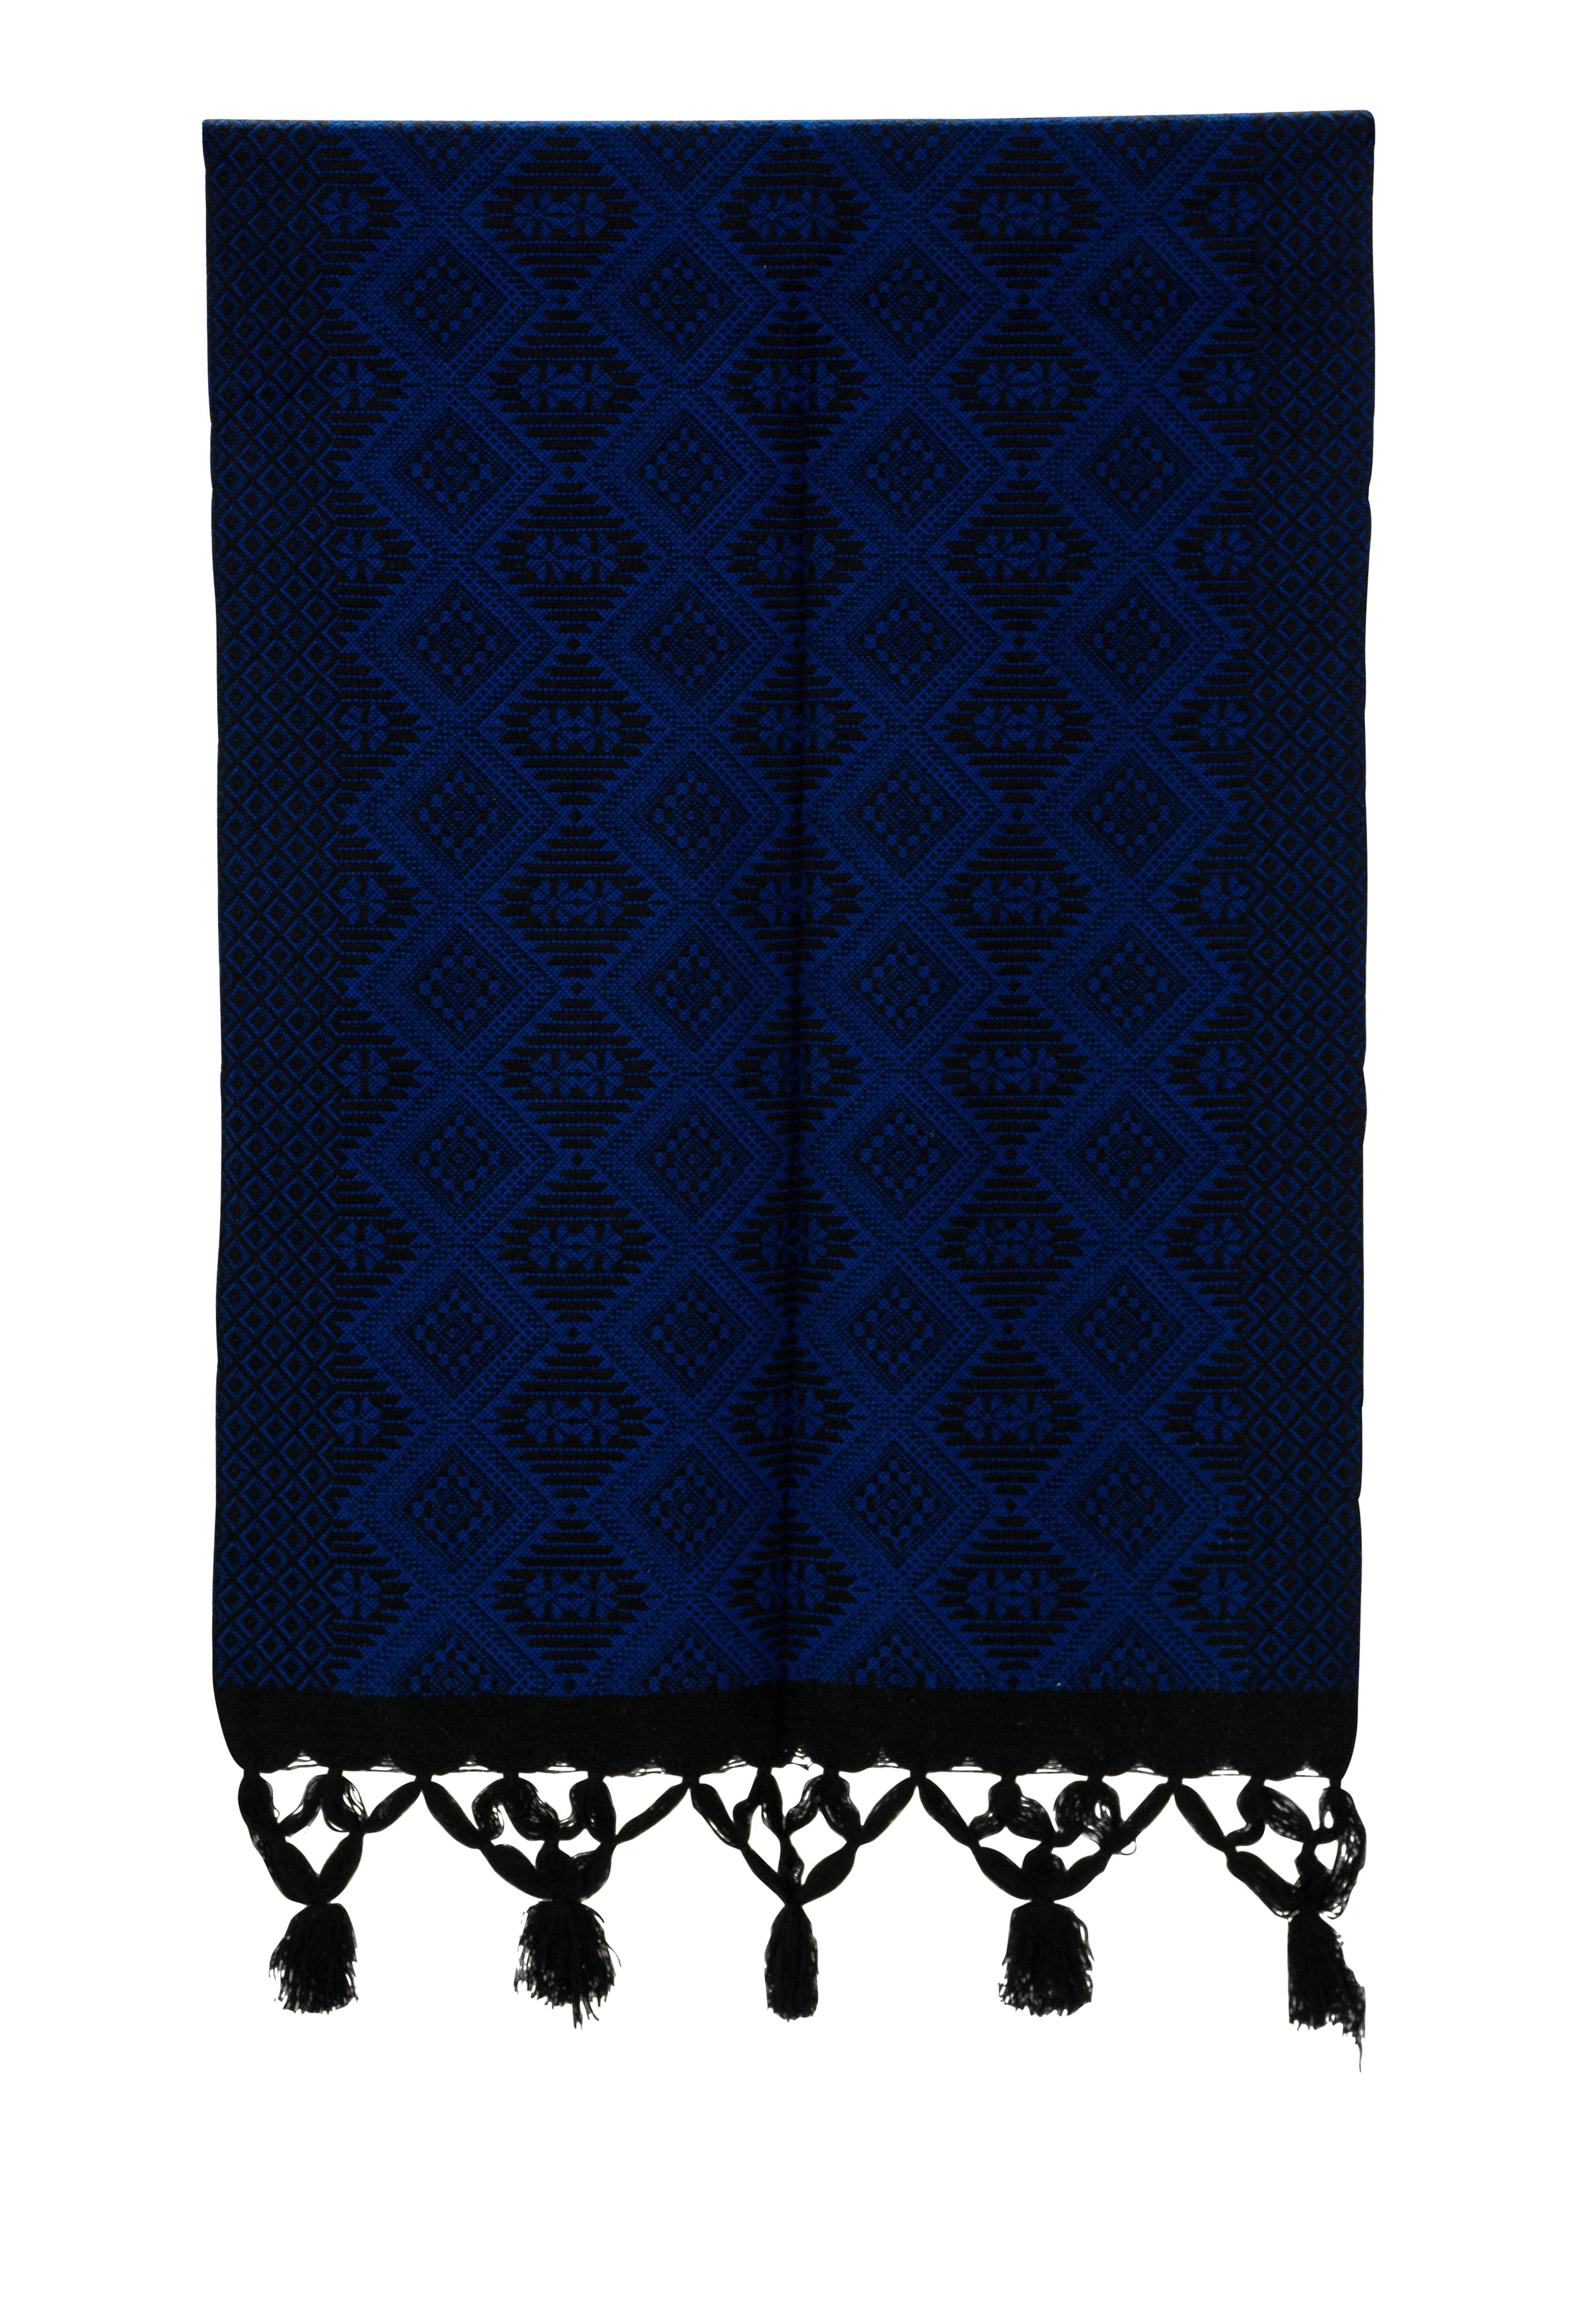 Mexican dark blue loom fabric